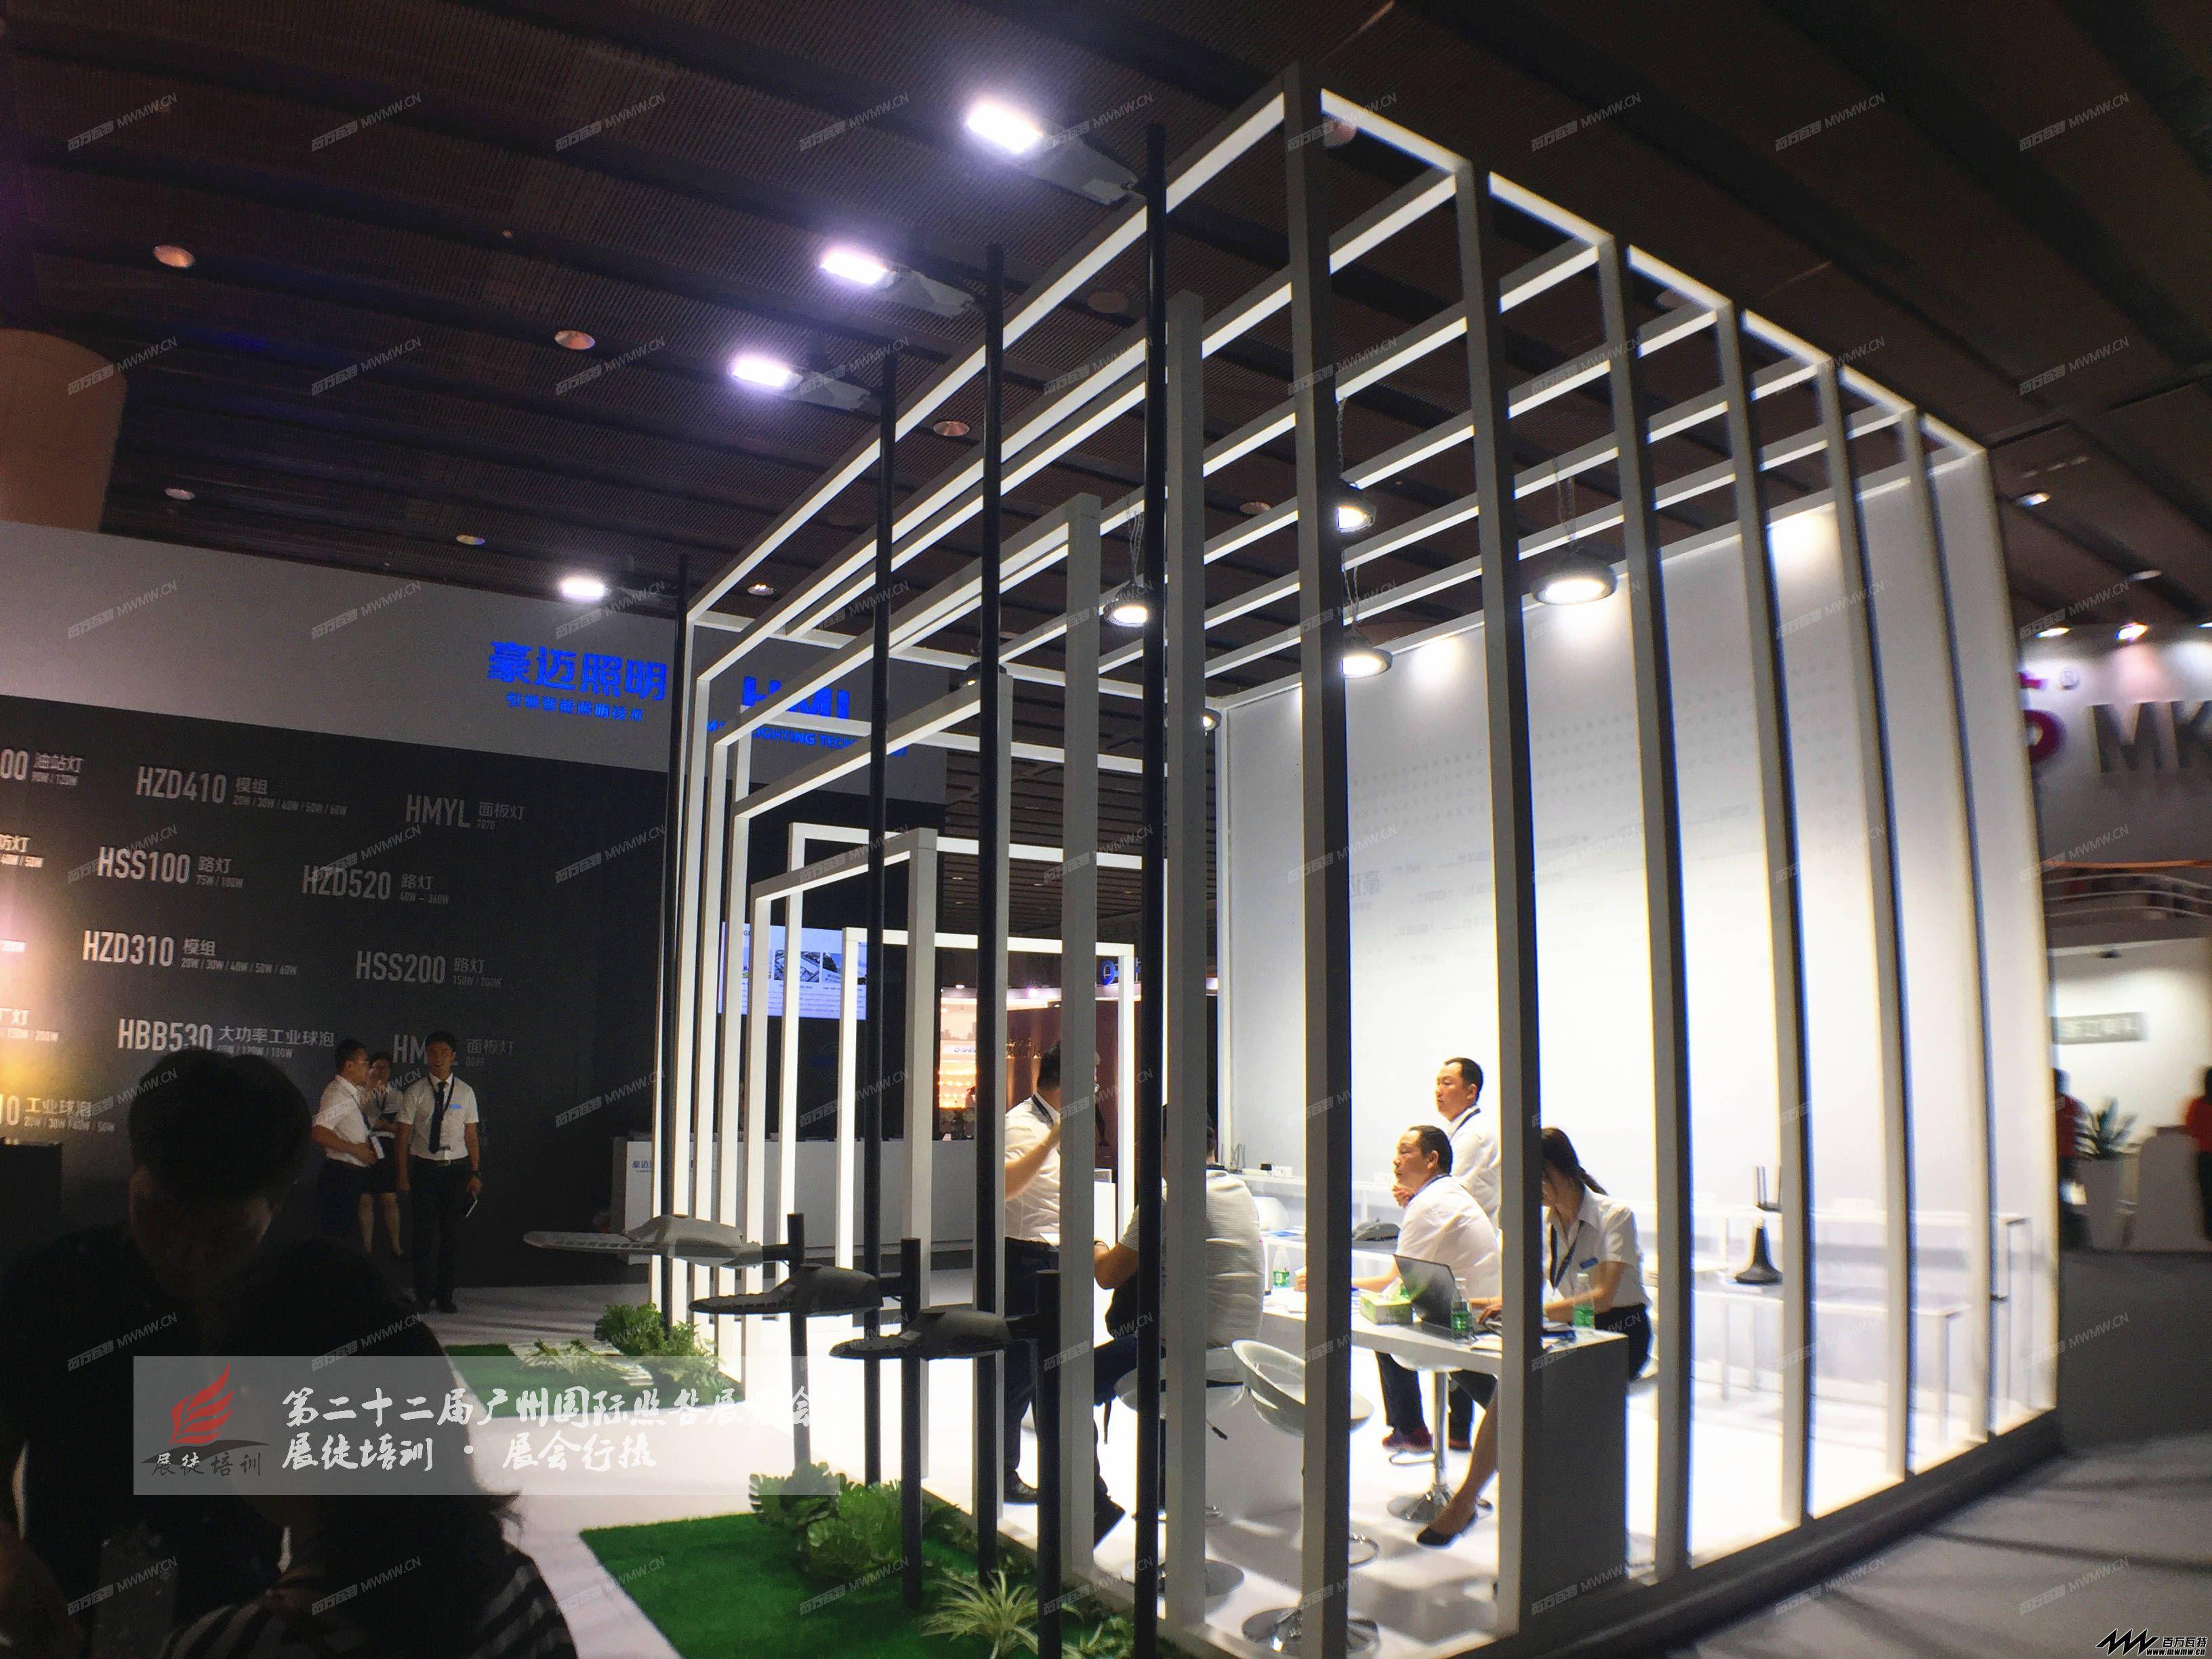 第二十二届广州国际照明展览会-展徒培训·展会行摄 (179).jpg